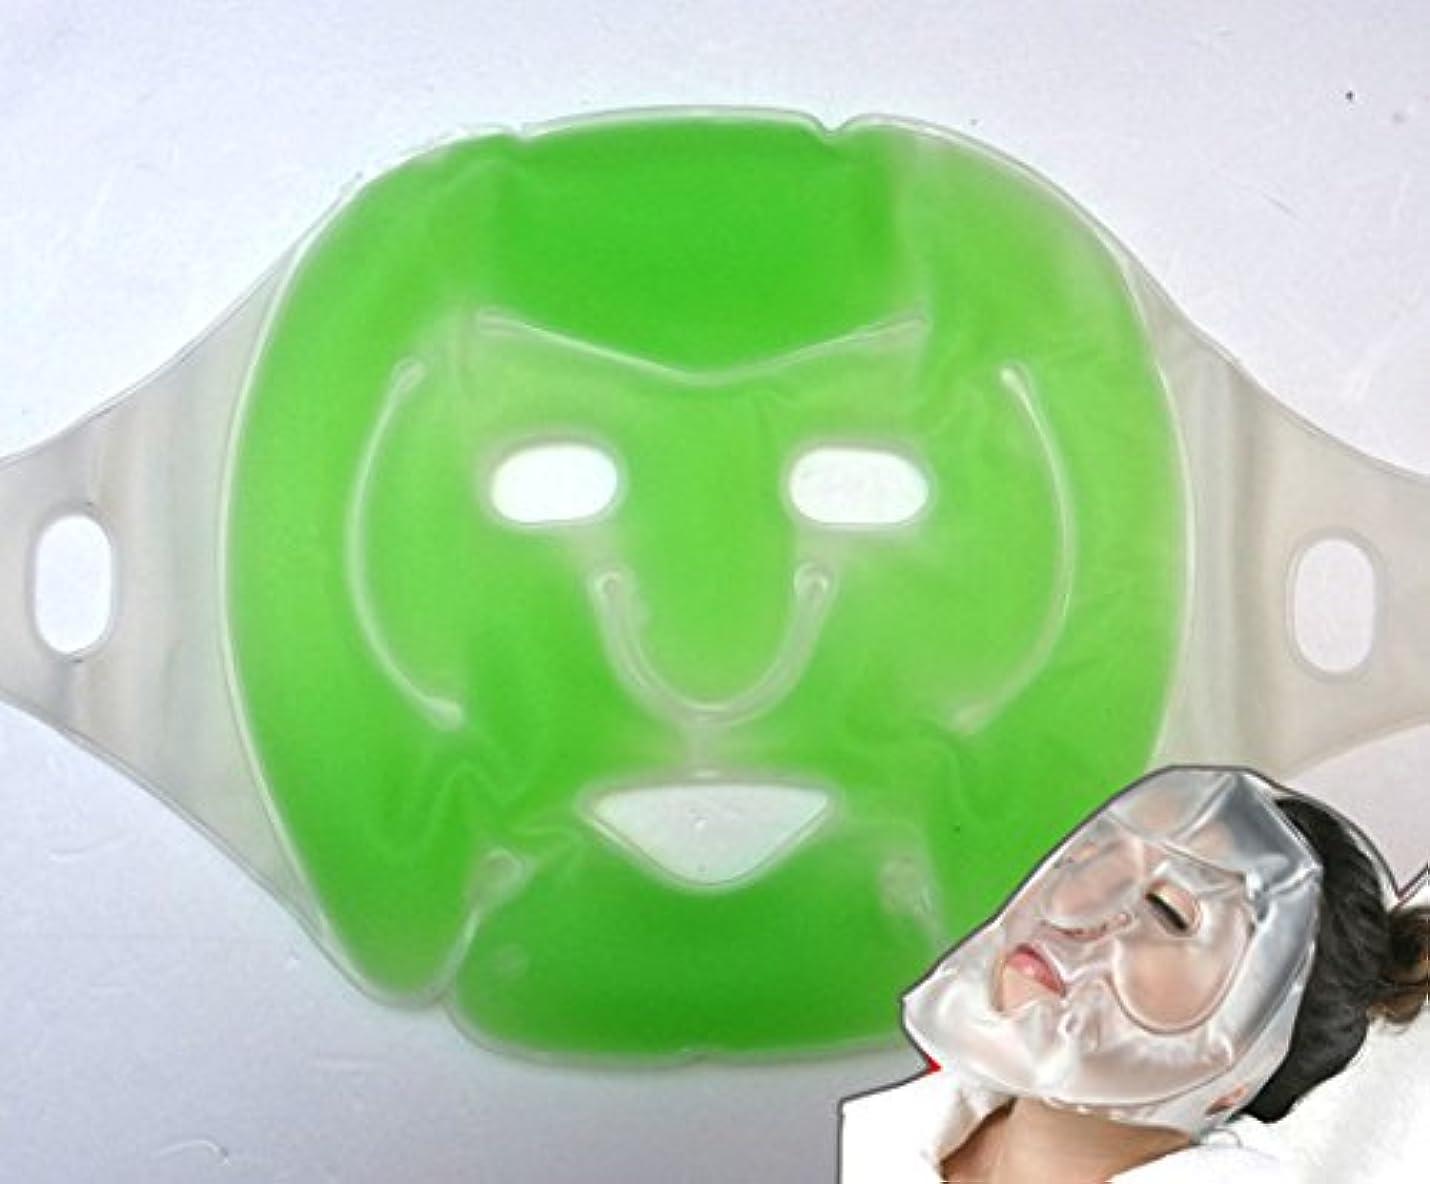 寂しい別れる破裂フェイスマッサージクールアイスマスクパック半永久的なフェイシャルマッサージ 毛穴収縮/緑色/Face Cool Massage Ice Mask Pack Semi-permanent Facial Massager Contracting...